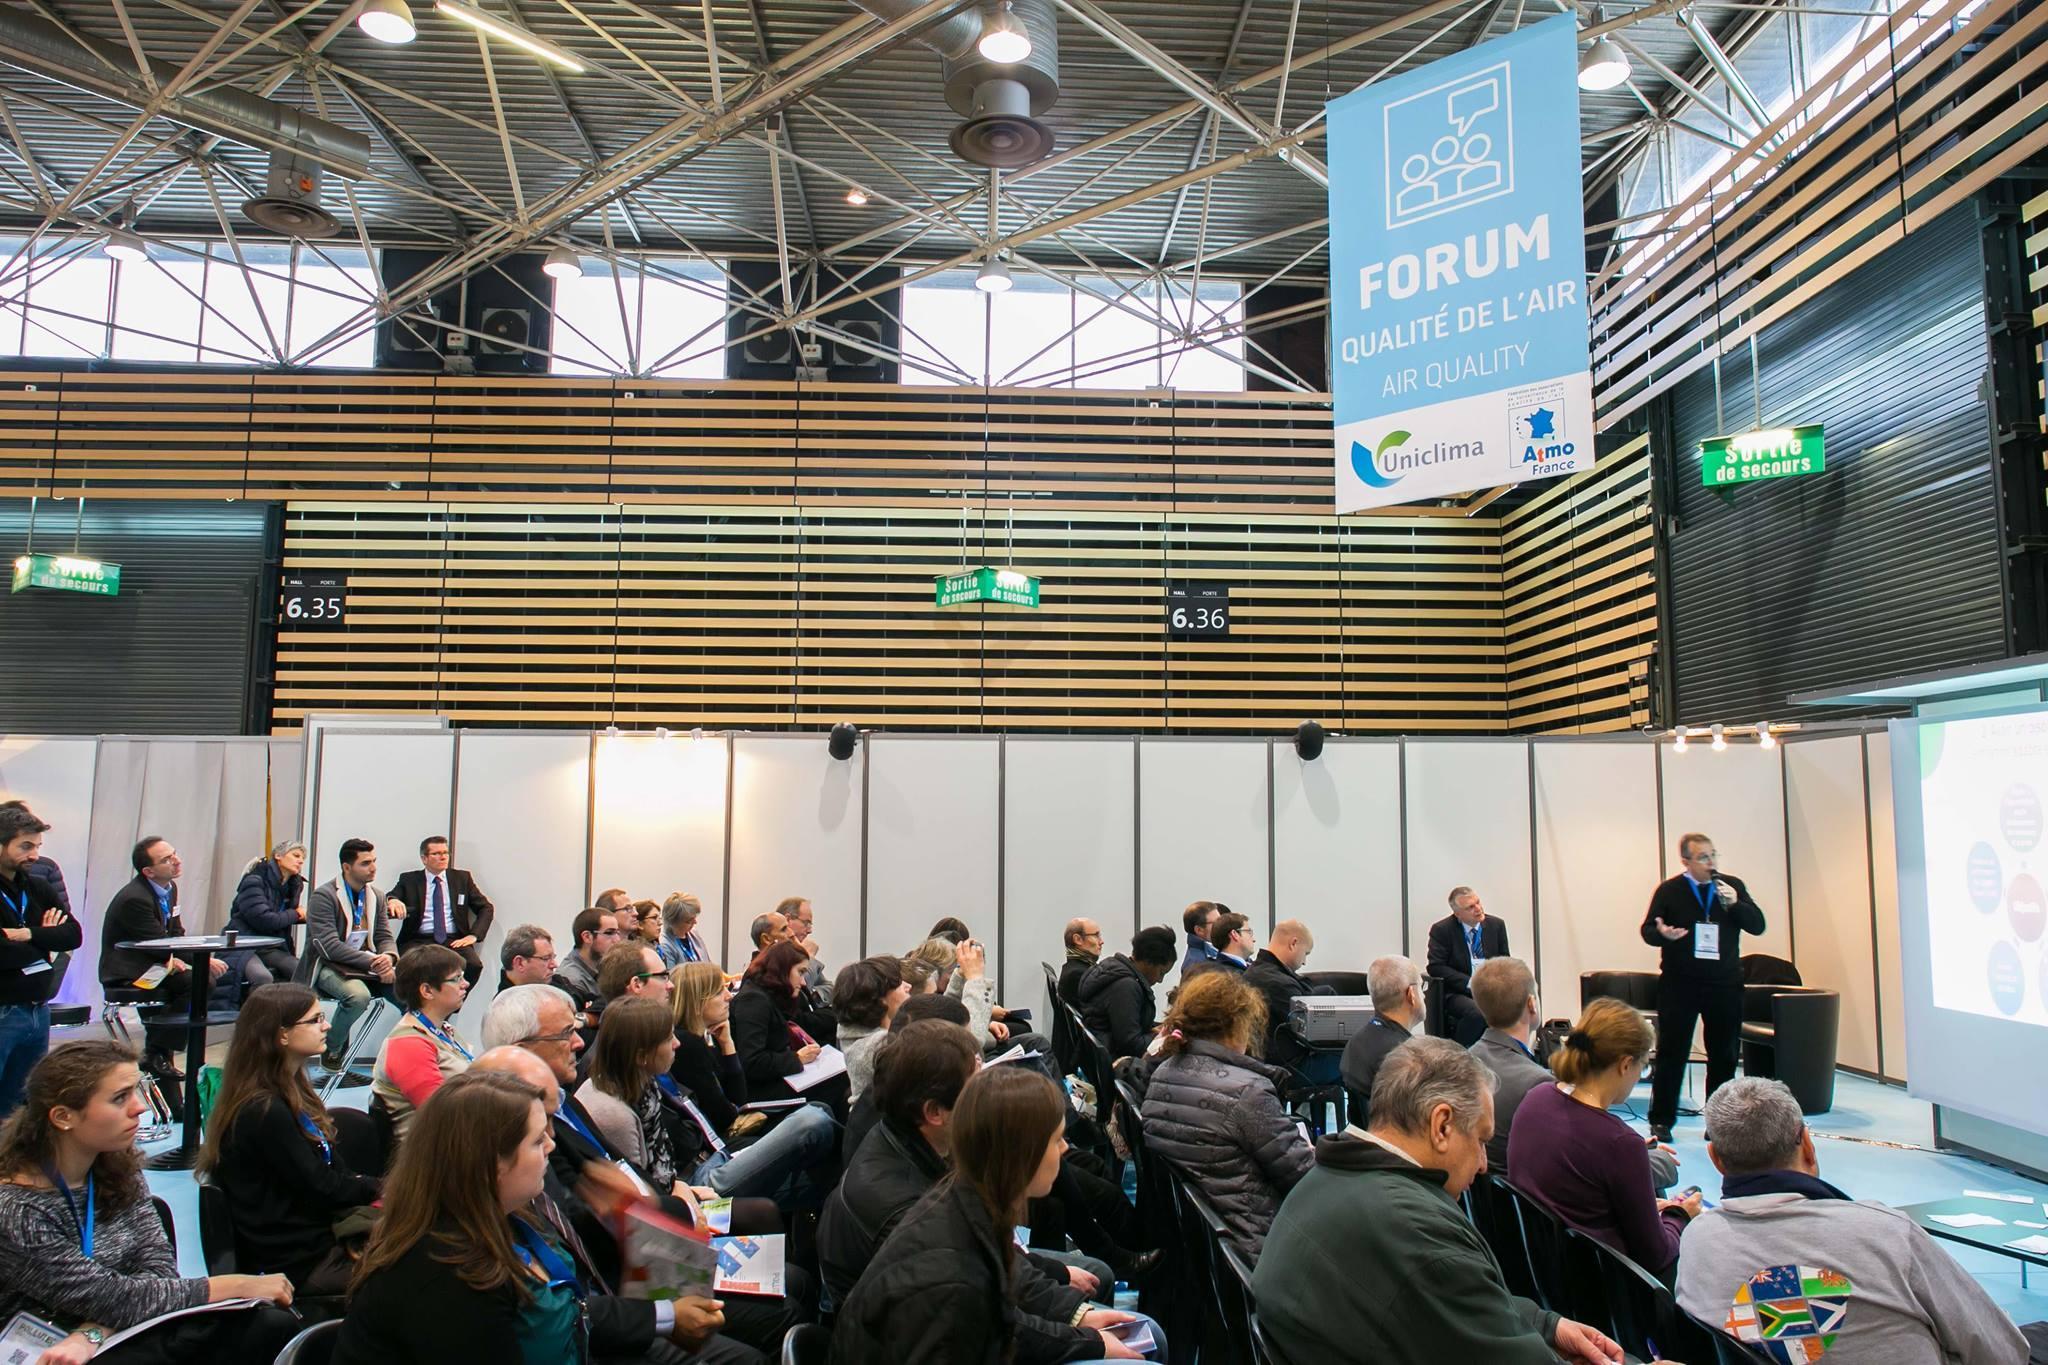 프랑스 리옹 환경 산업 박람회(Pollutec)는 포럼과 데모 피칭 등 부대행사 프로그램 구성이 탄탄해 기업 워크숍으로도 활용할 수 있습니다.